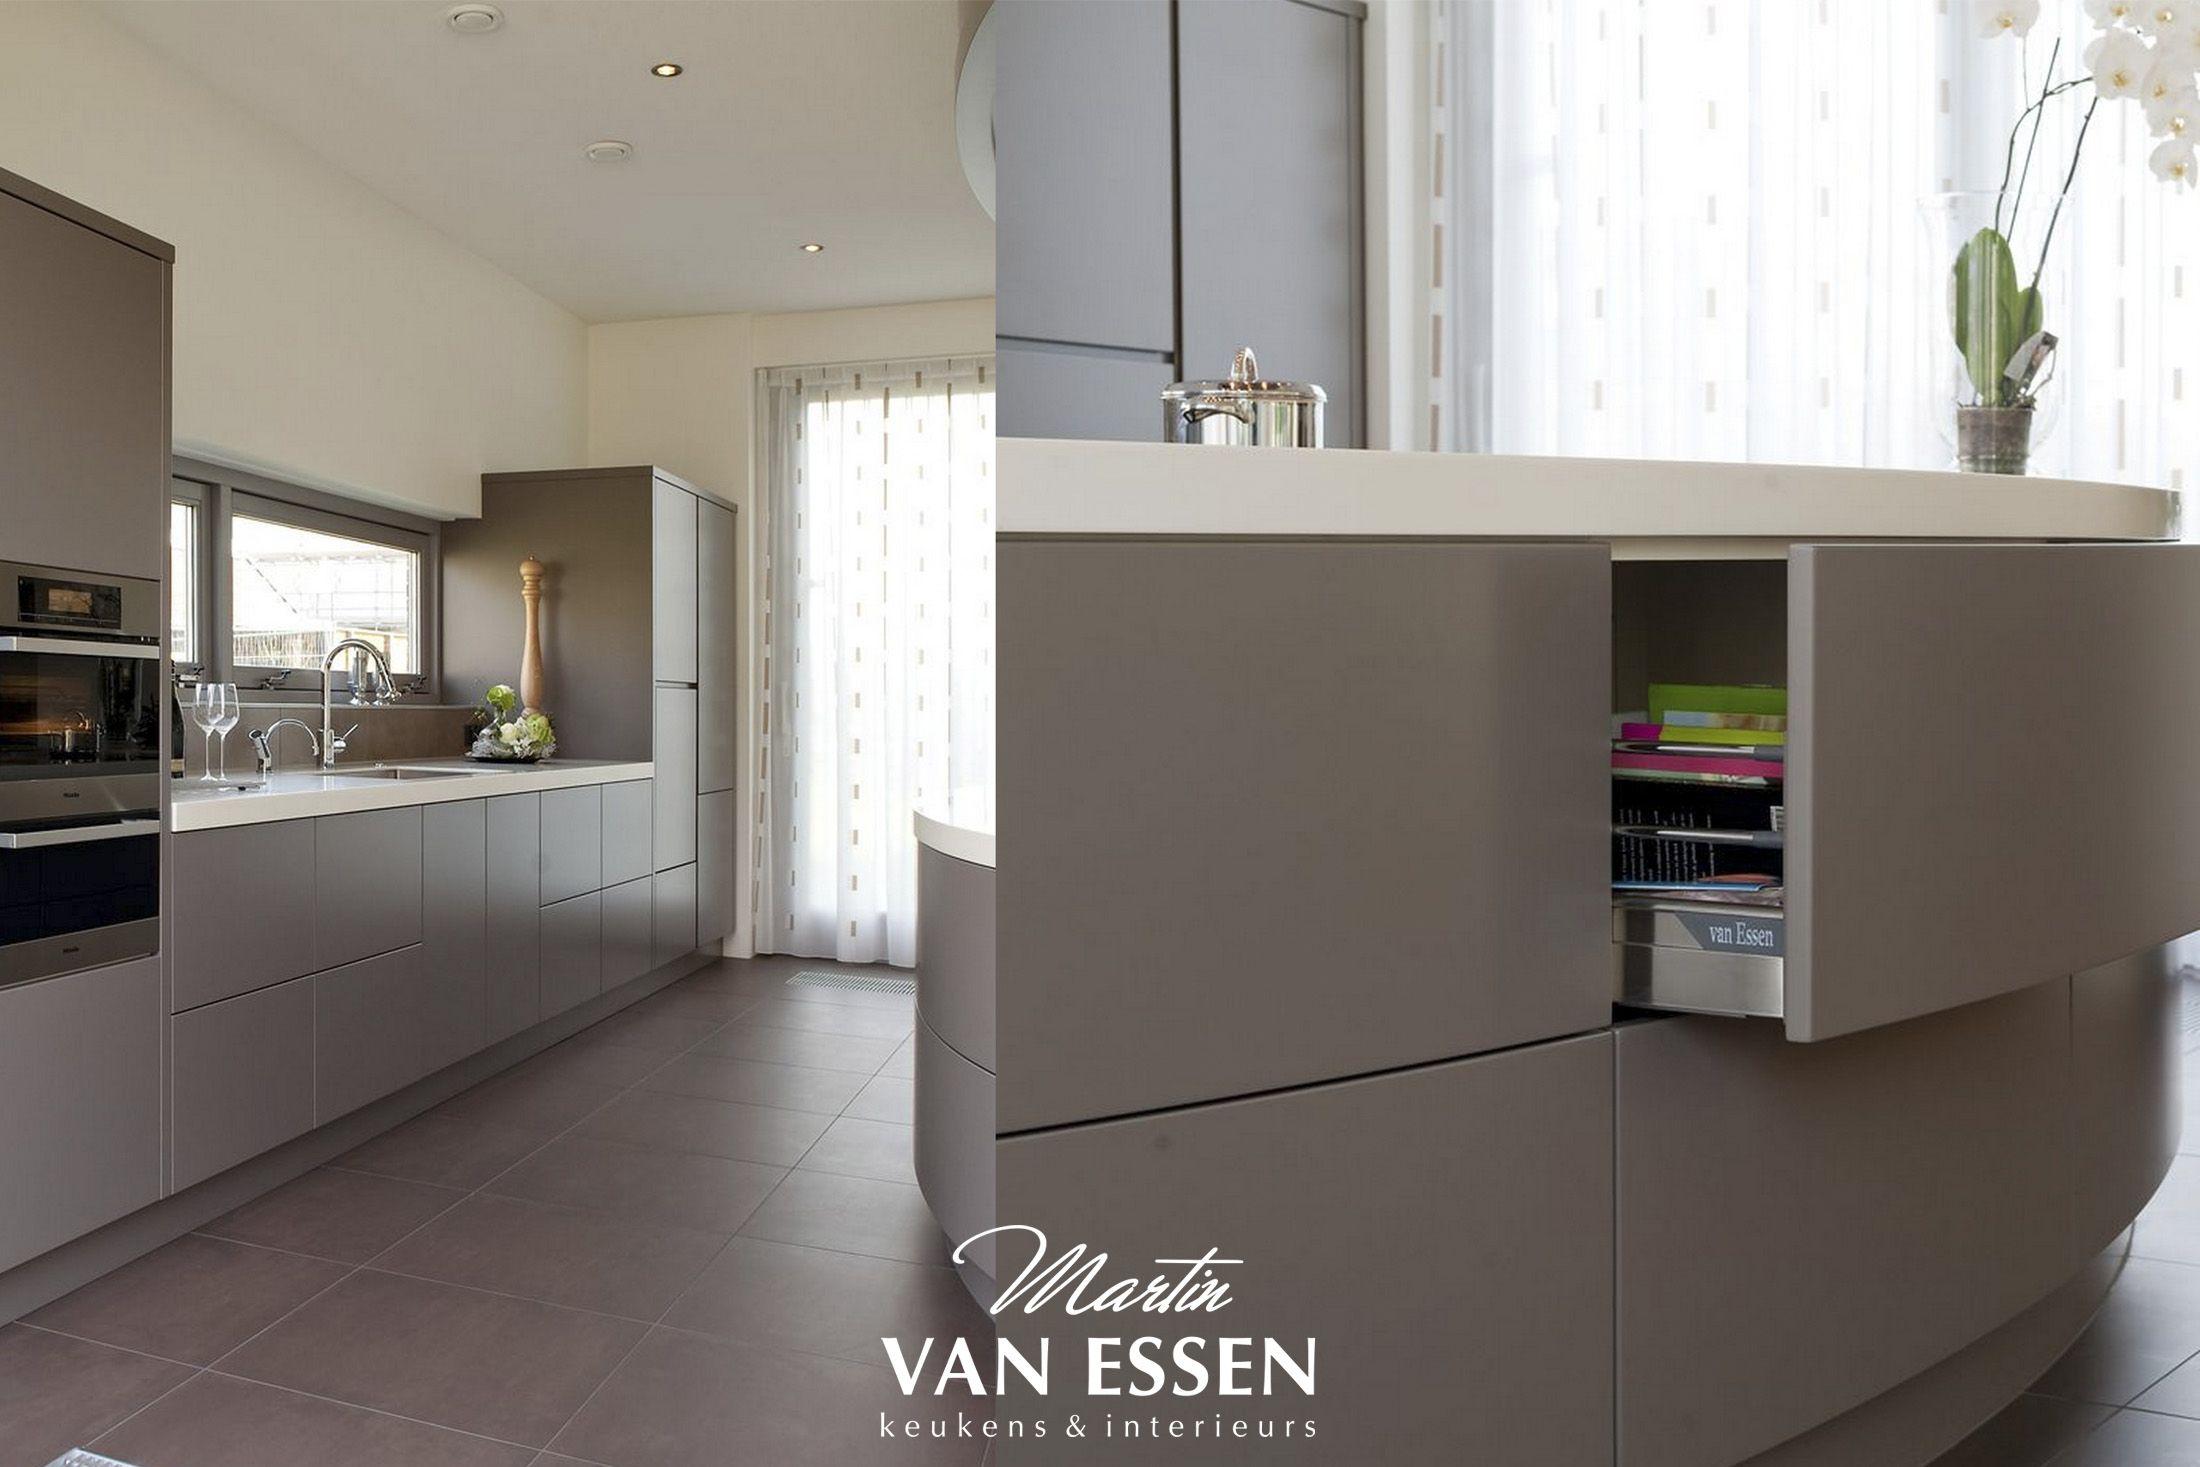 Grijze Keuken Modern : Een prachtige grijze keuken. modern met uniek kookeiland. helemaal